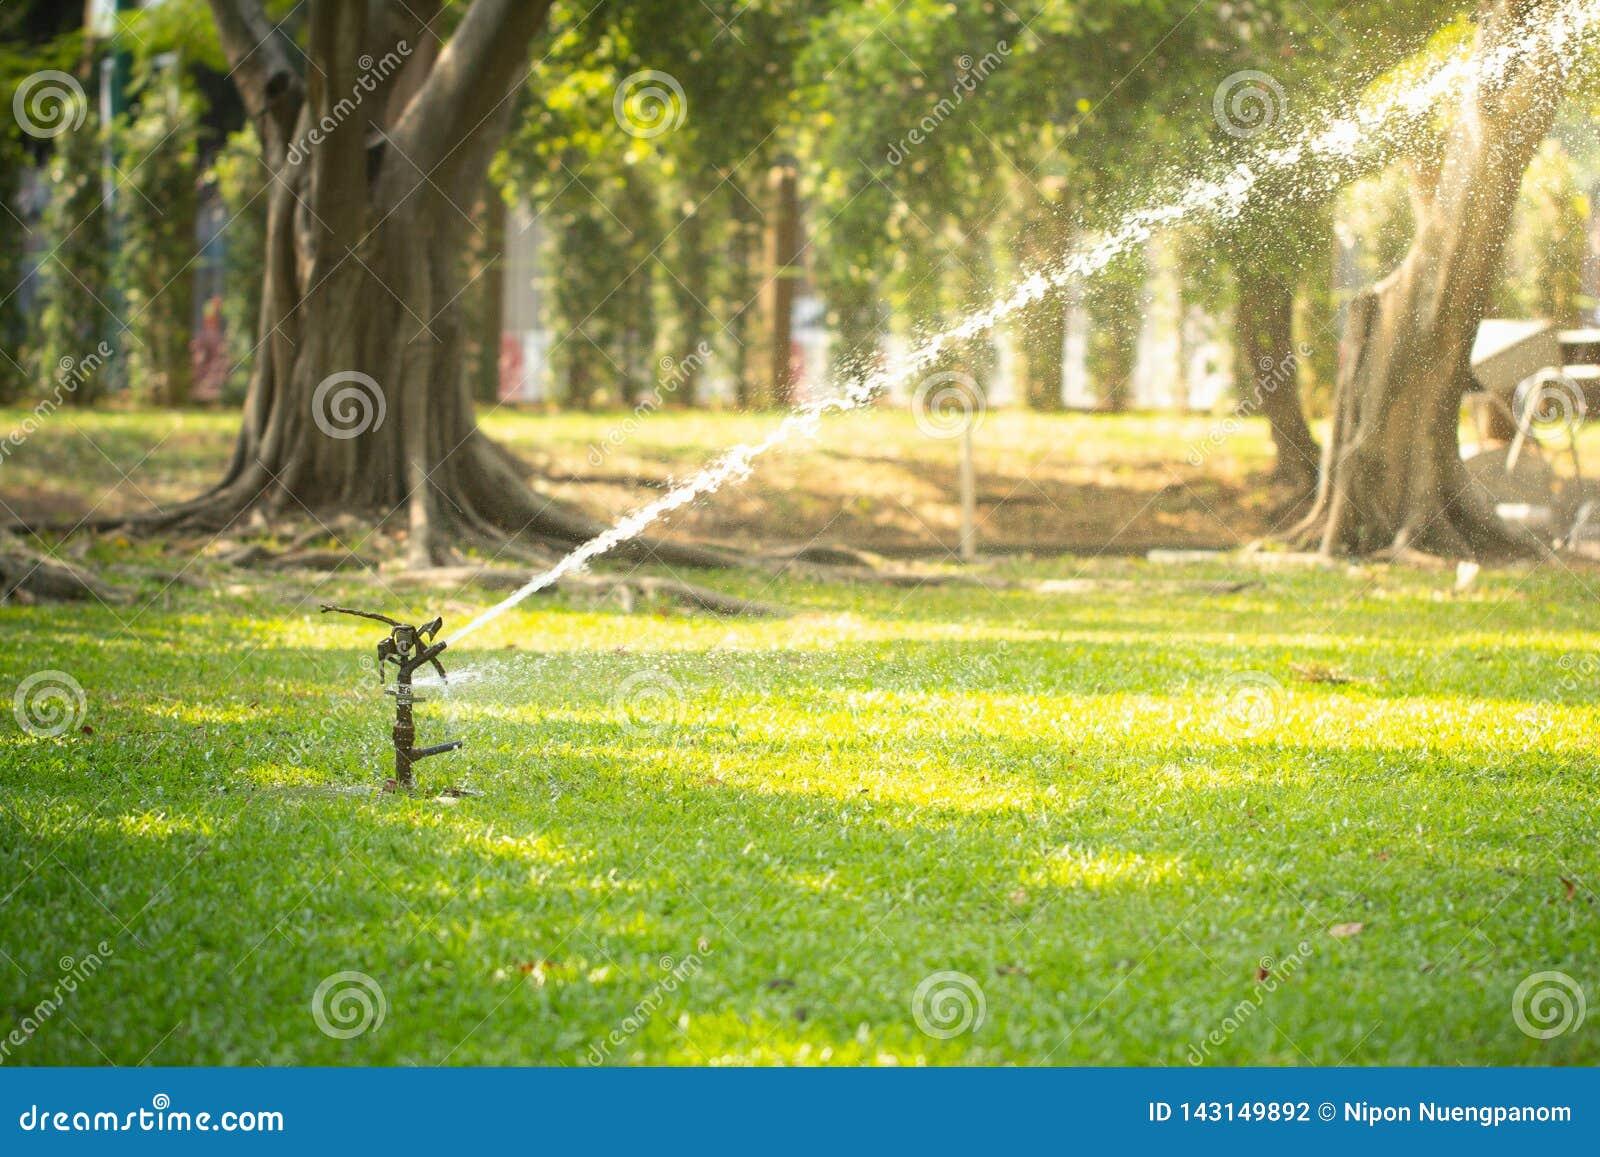 Lawn sprinkler watering grass in garden under sunlight